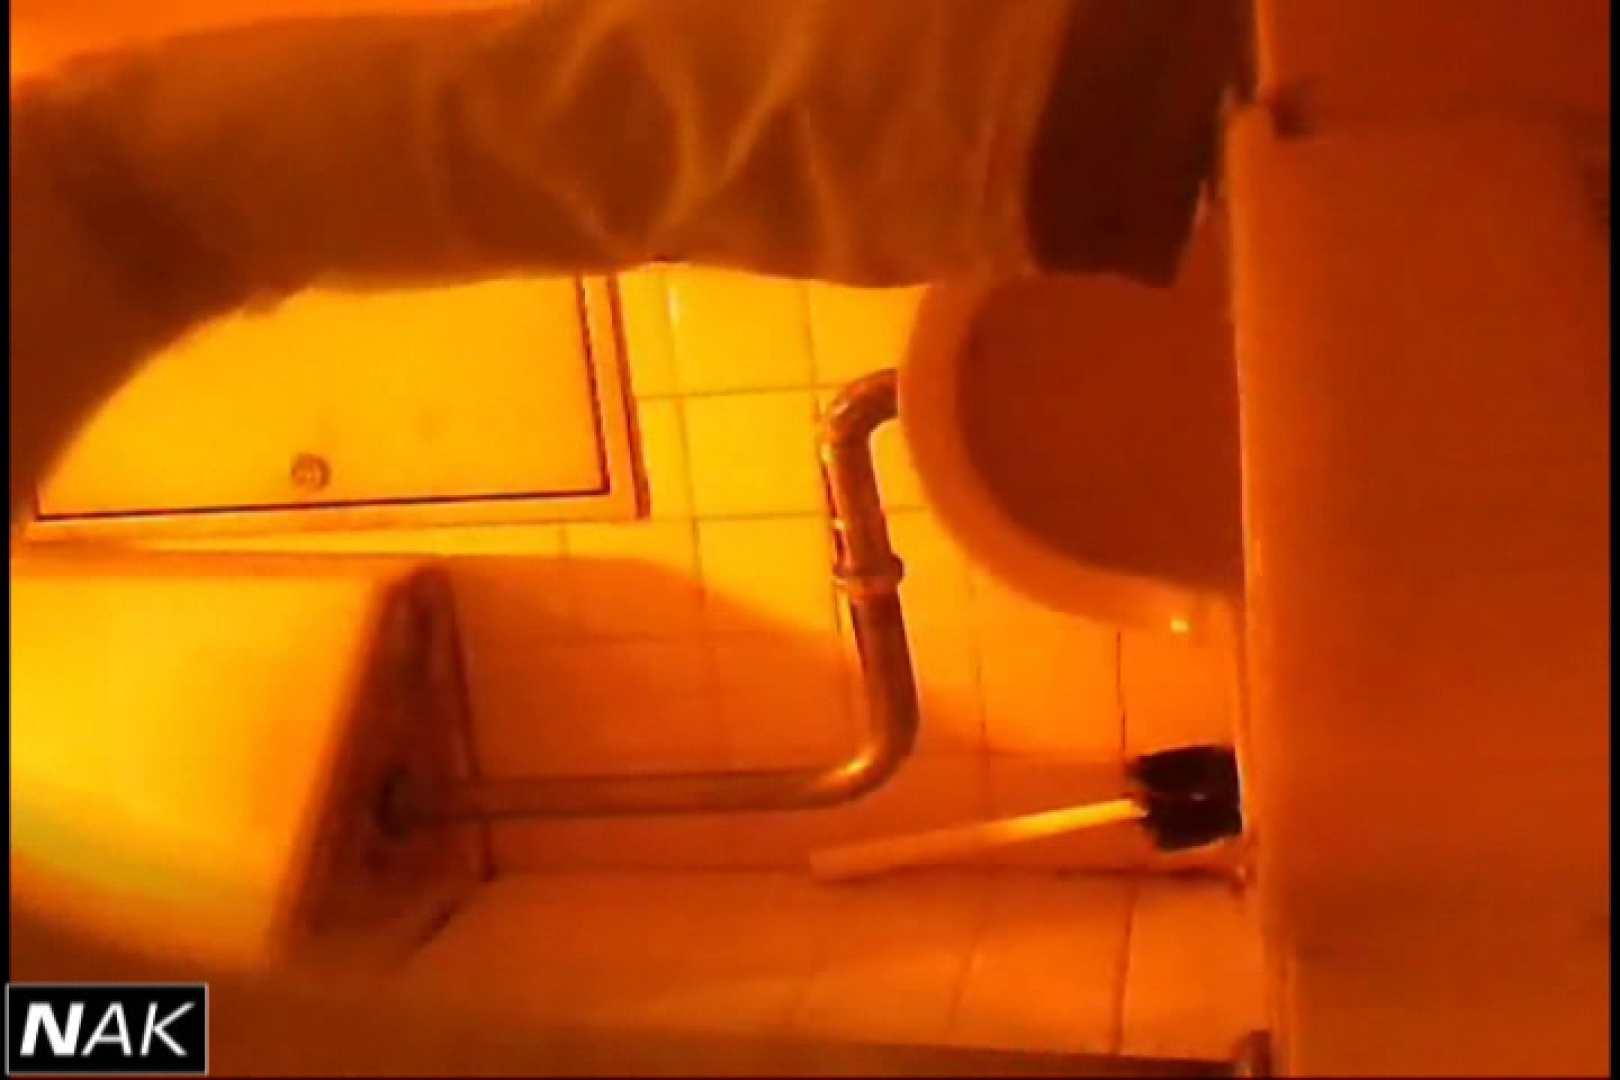 亀さんかわや VIP和式2カメバージョン! vol.09 黄金水 | HなOL  64pic 8